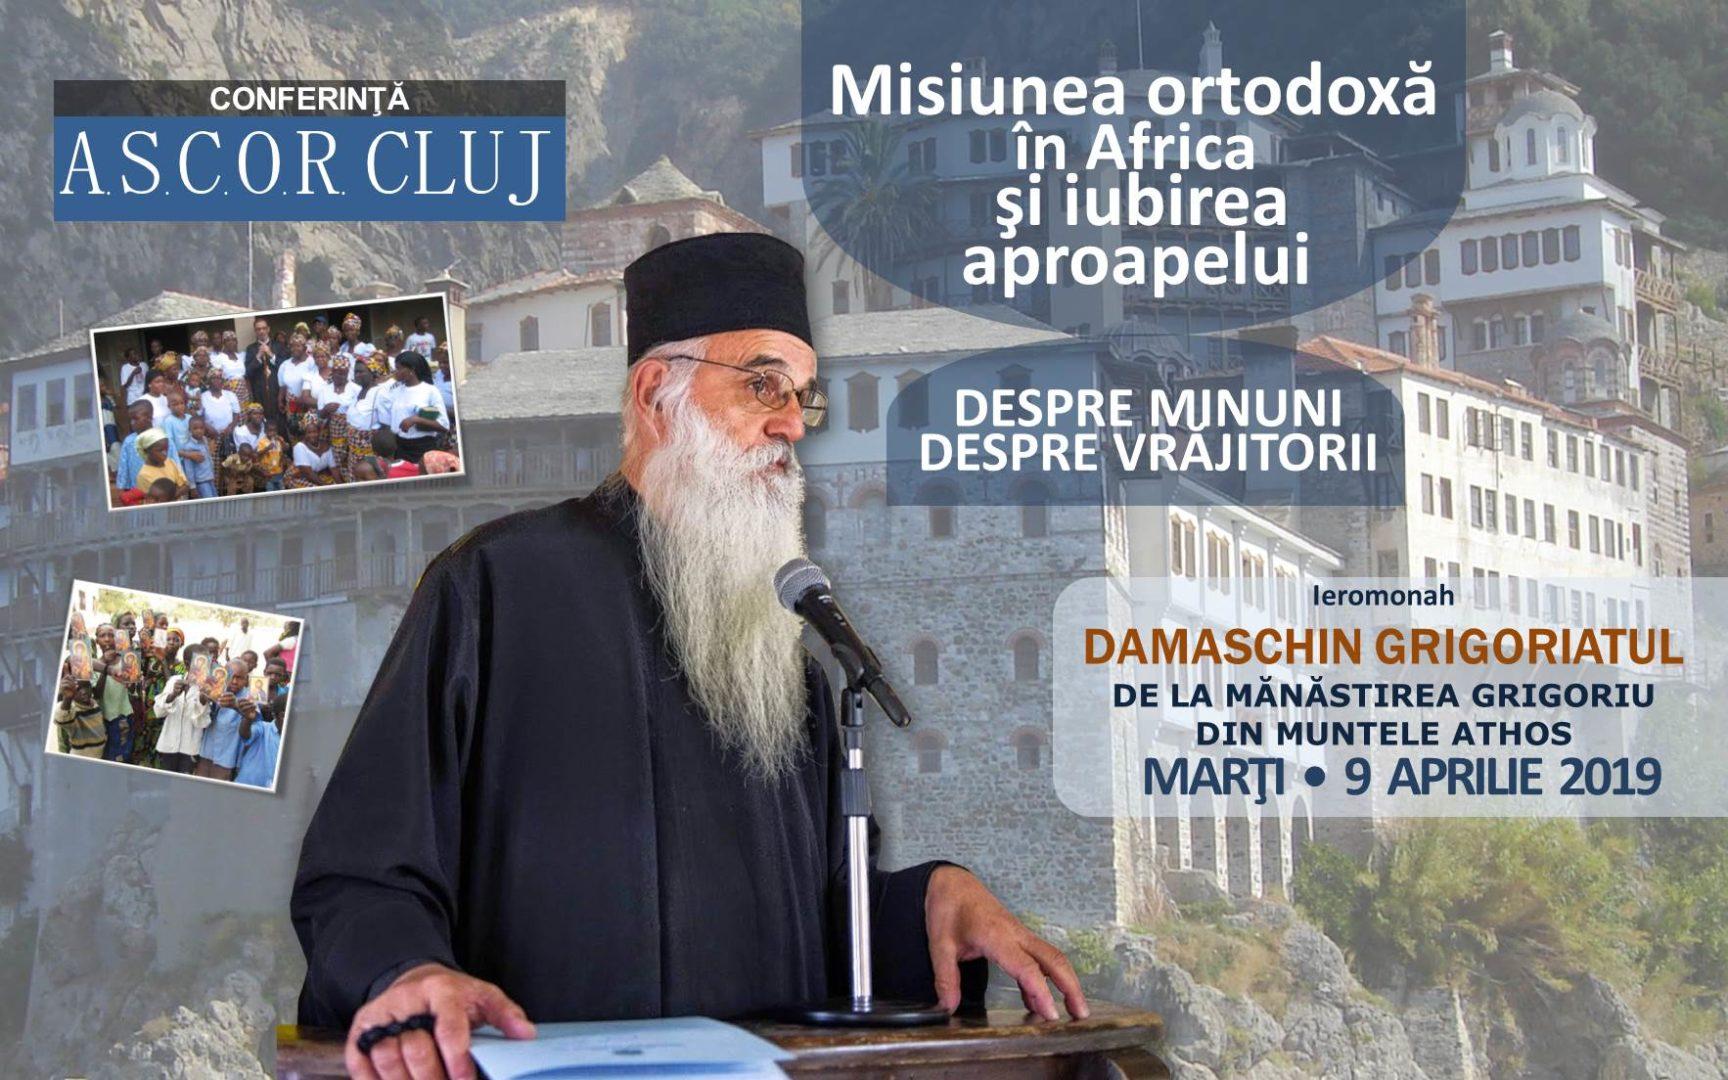 Despre minuni şi vrăjitorie – Misiune ortodoxă în Africa şi iubirea aproapelui – Pr. Damaschin Grigoriatul – Conferinţă A.S.C.O.R. Cluj